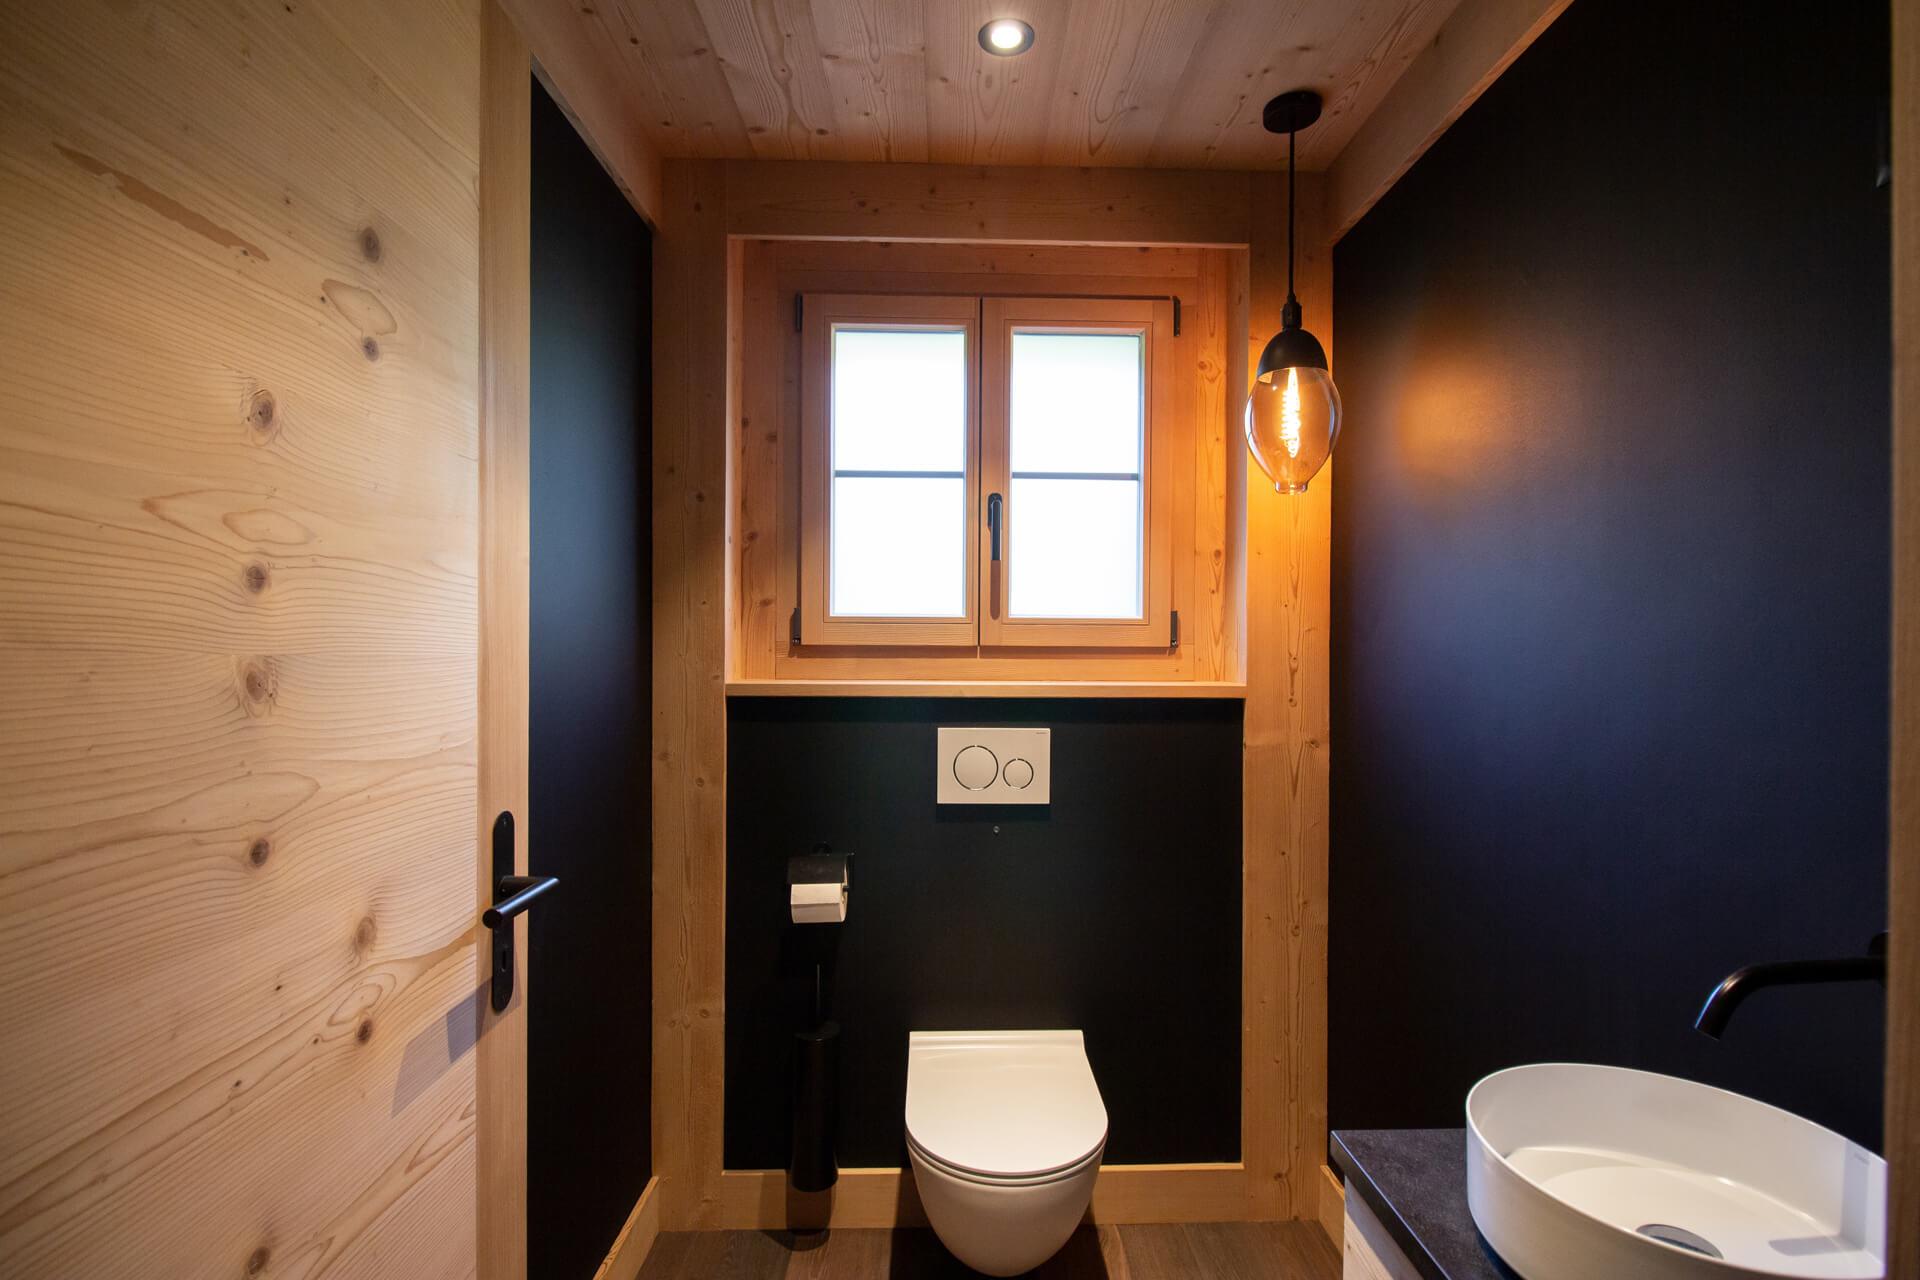 https://fsw-kreatektur.ch/wp-content/uploads/Fsw-Kreatektur-Architektur-Neubau-Schoenried-WC-tiny.jpg